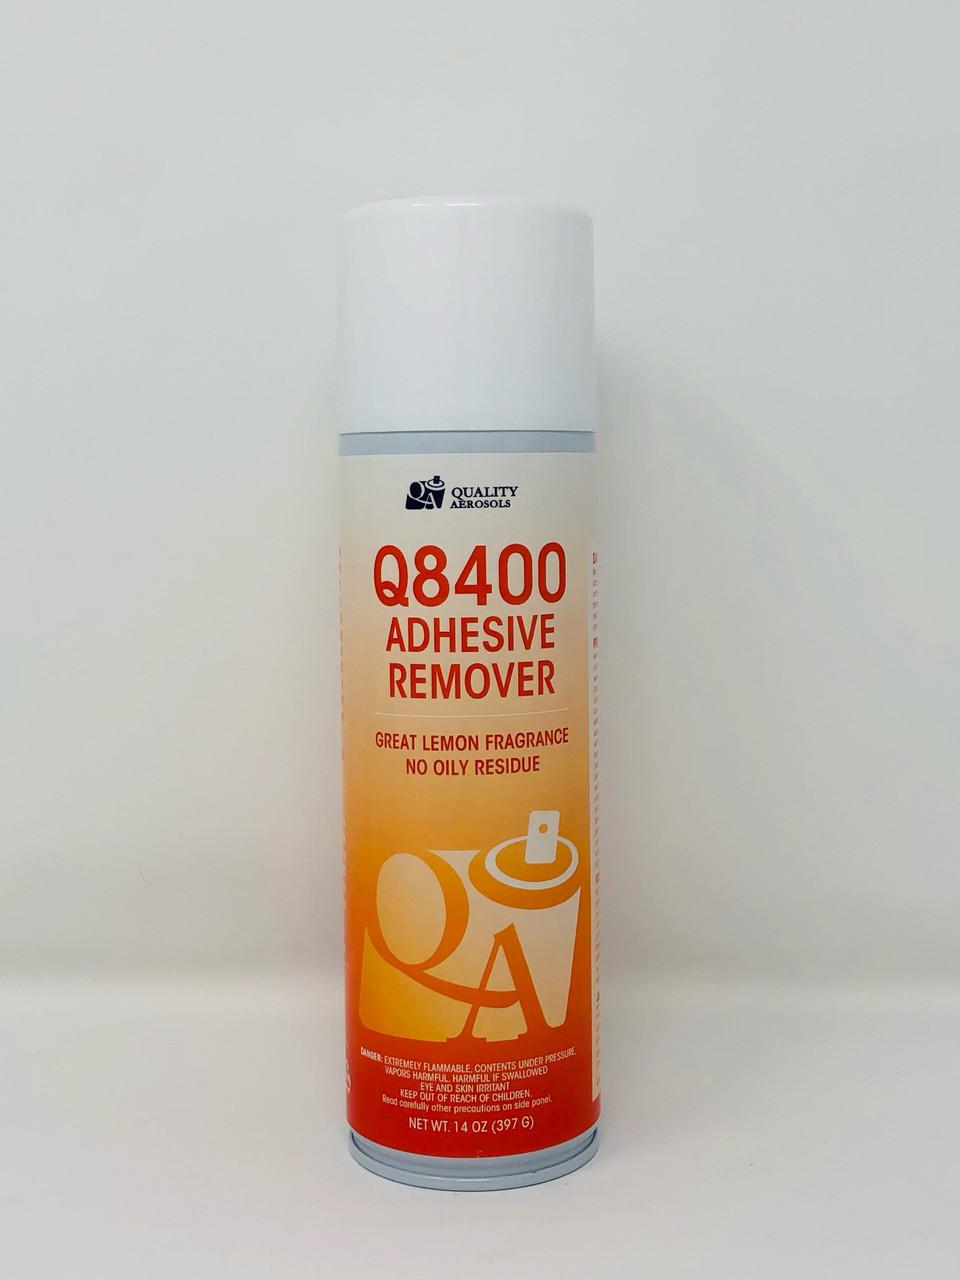 Quality Aerosols Q8400 Solvent Based Adhesive Remover 20 fl oz (Net Wt 14 fl oz)